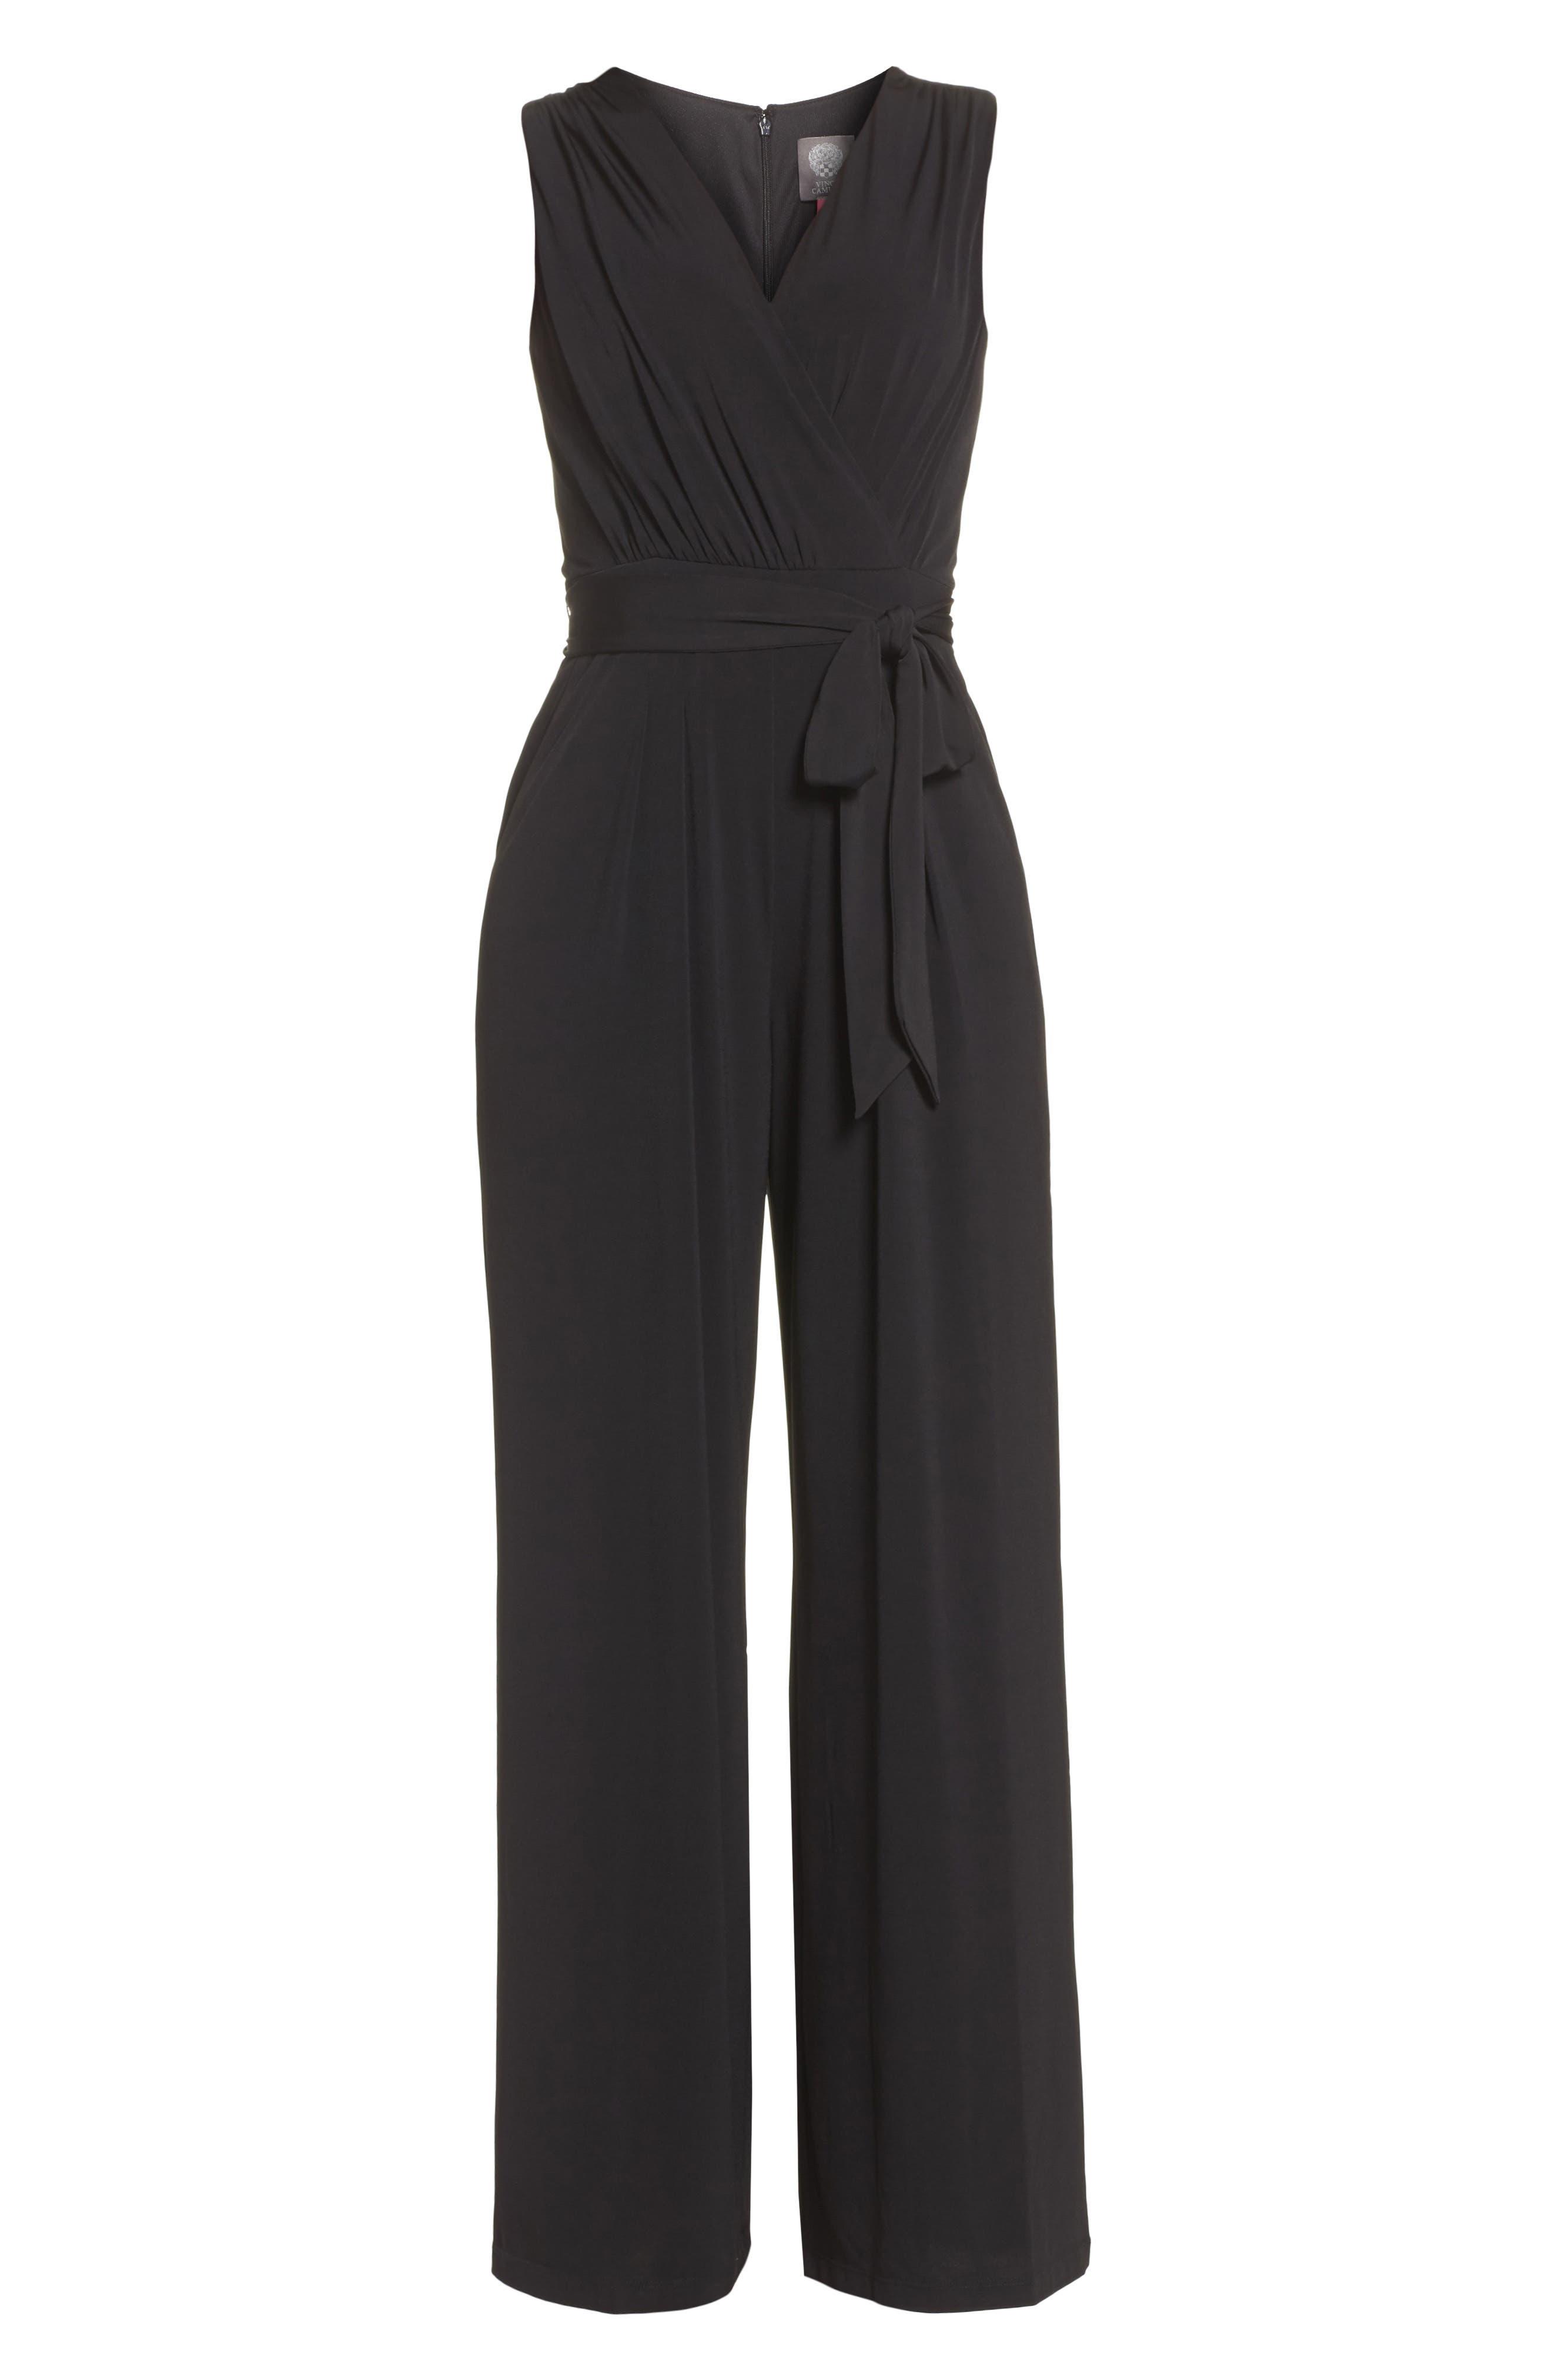 VINCE CAMUTO, Faux Wrap Jersey Jumpsuit, Alternate thumbnail 7, color, BLACK